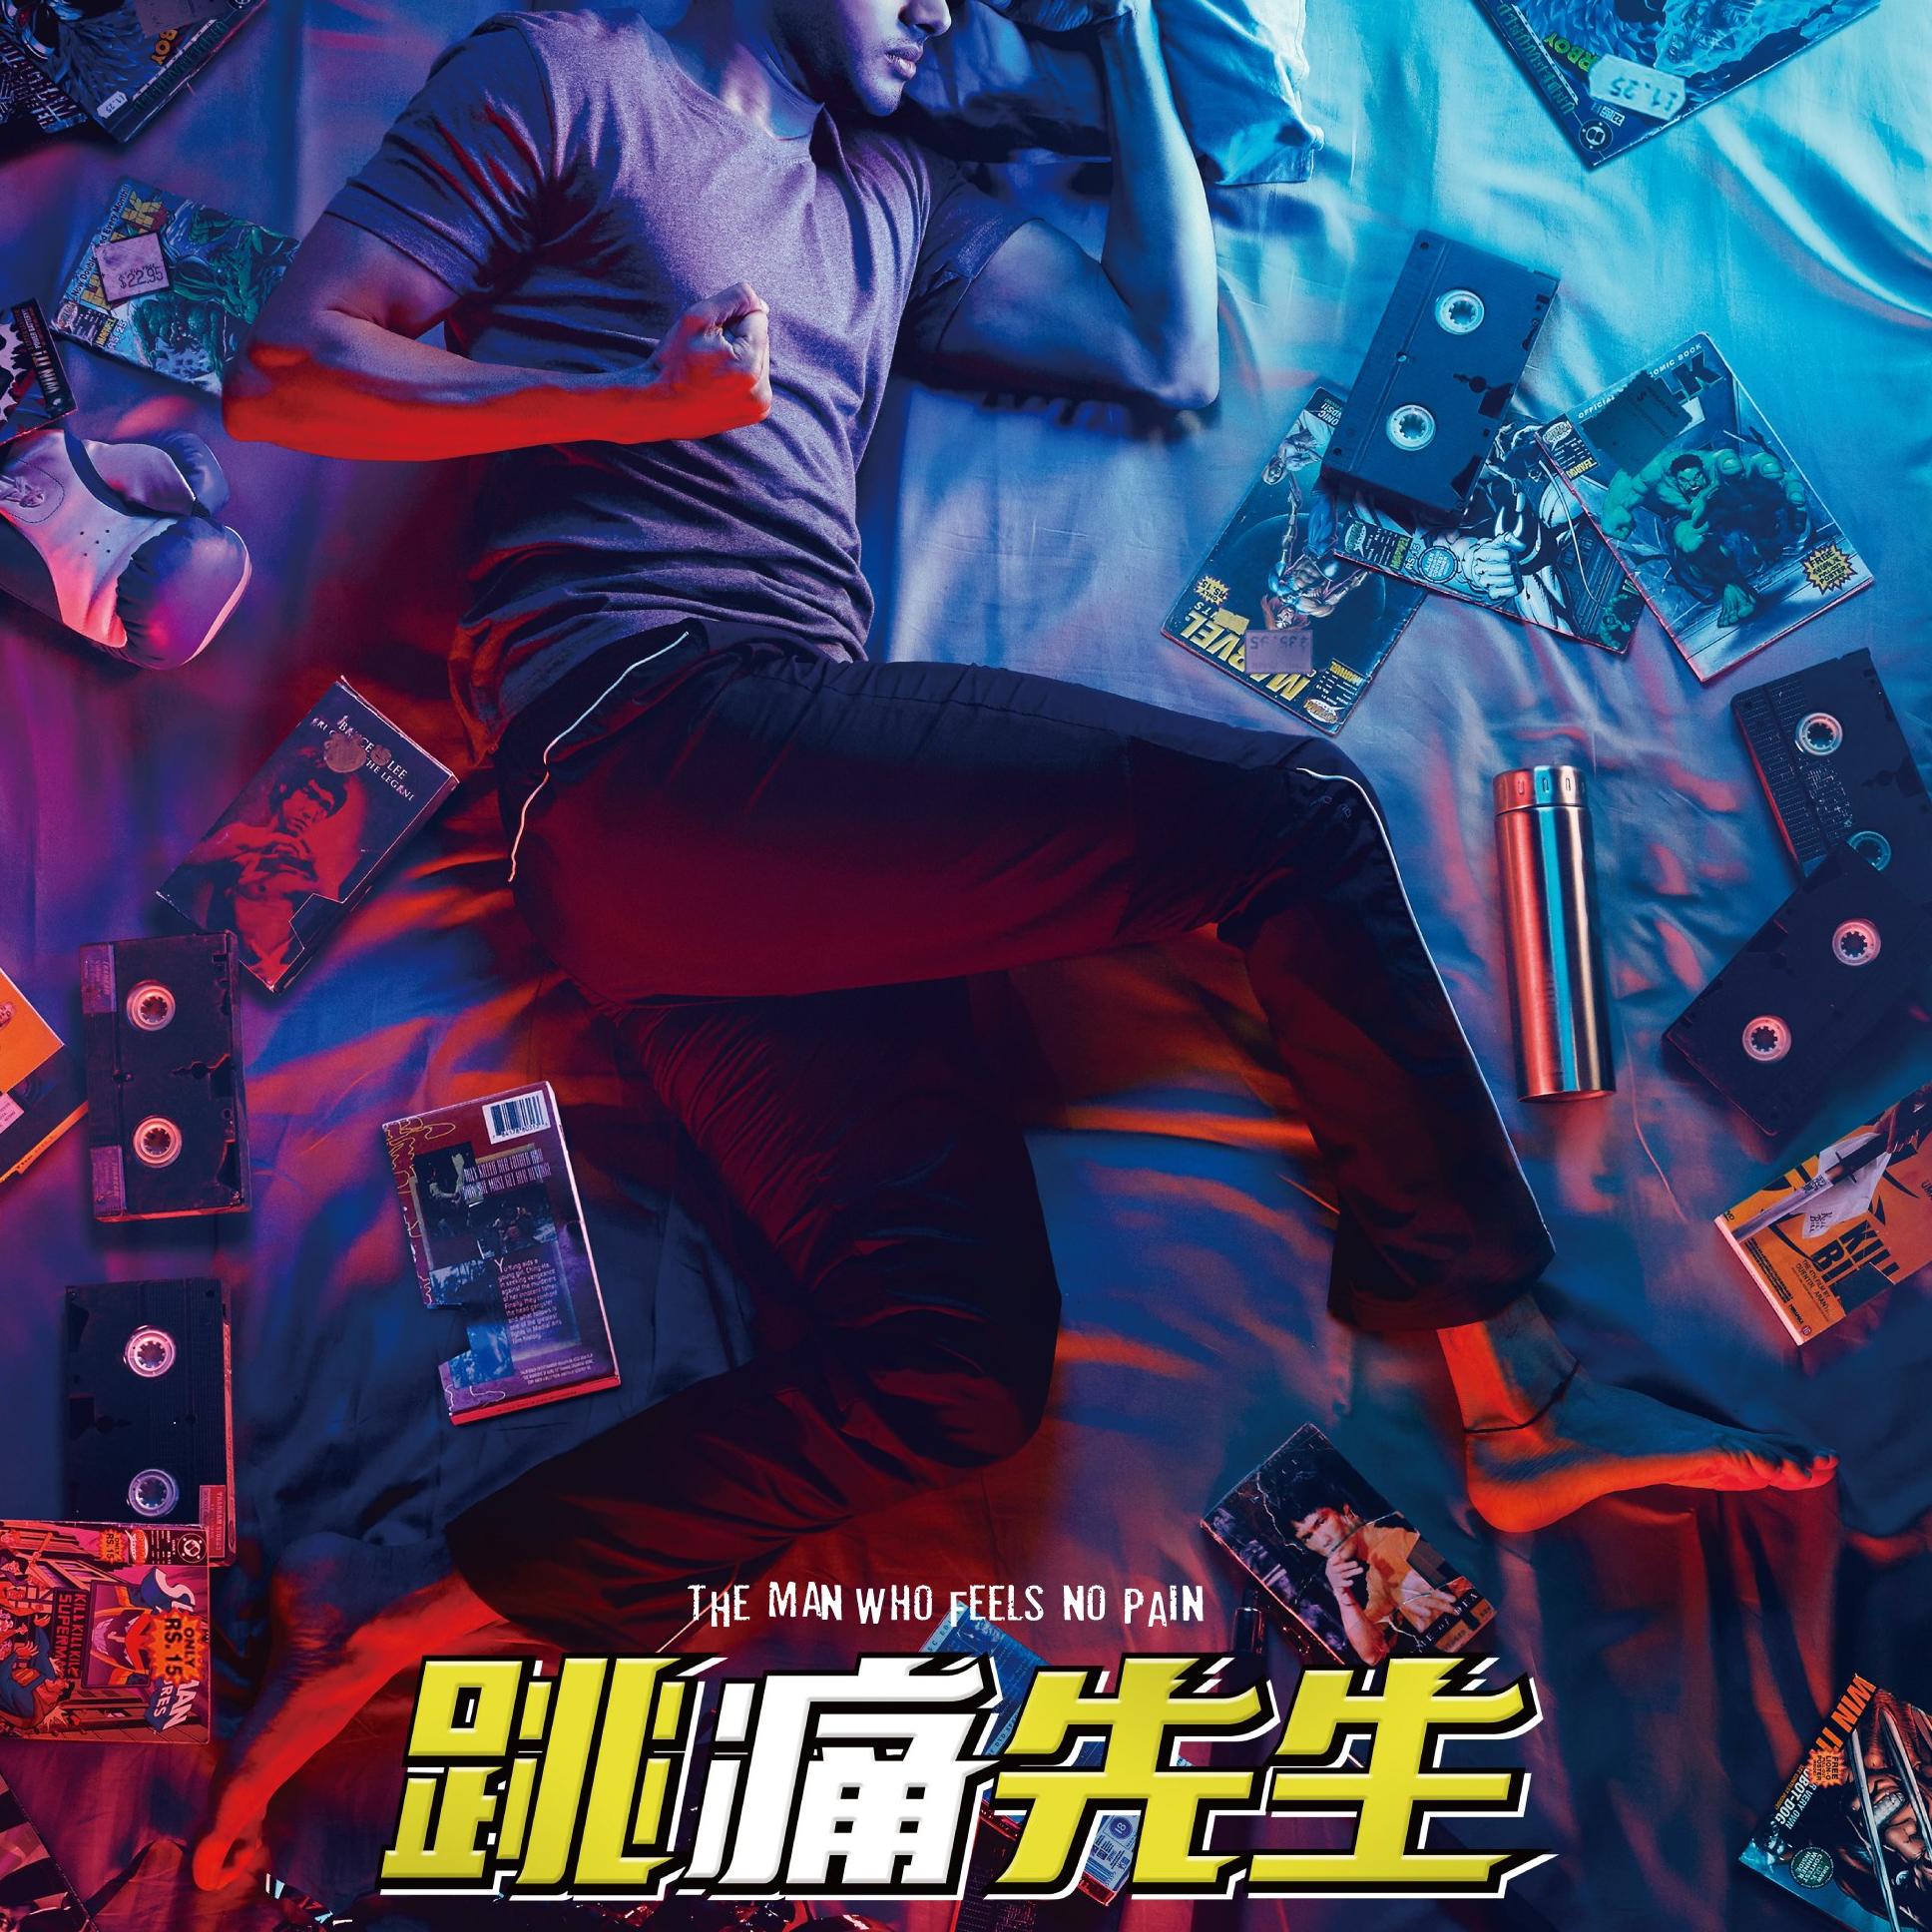 <p>勵志神片《跳痛先生》 打造印度版「死侍」 獲多倫多午夜場觀眾票選獎肯定</p>